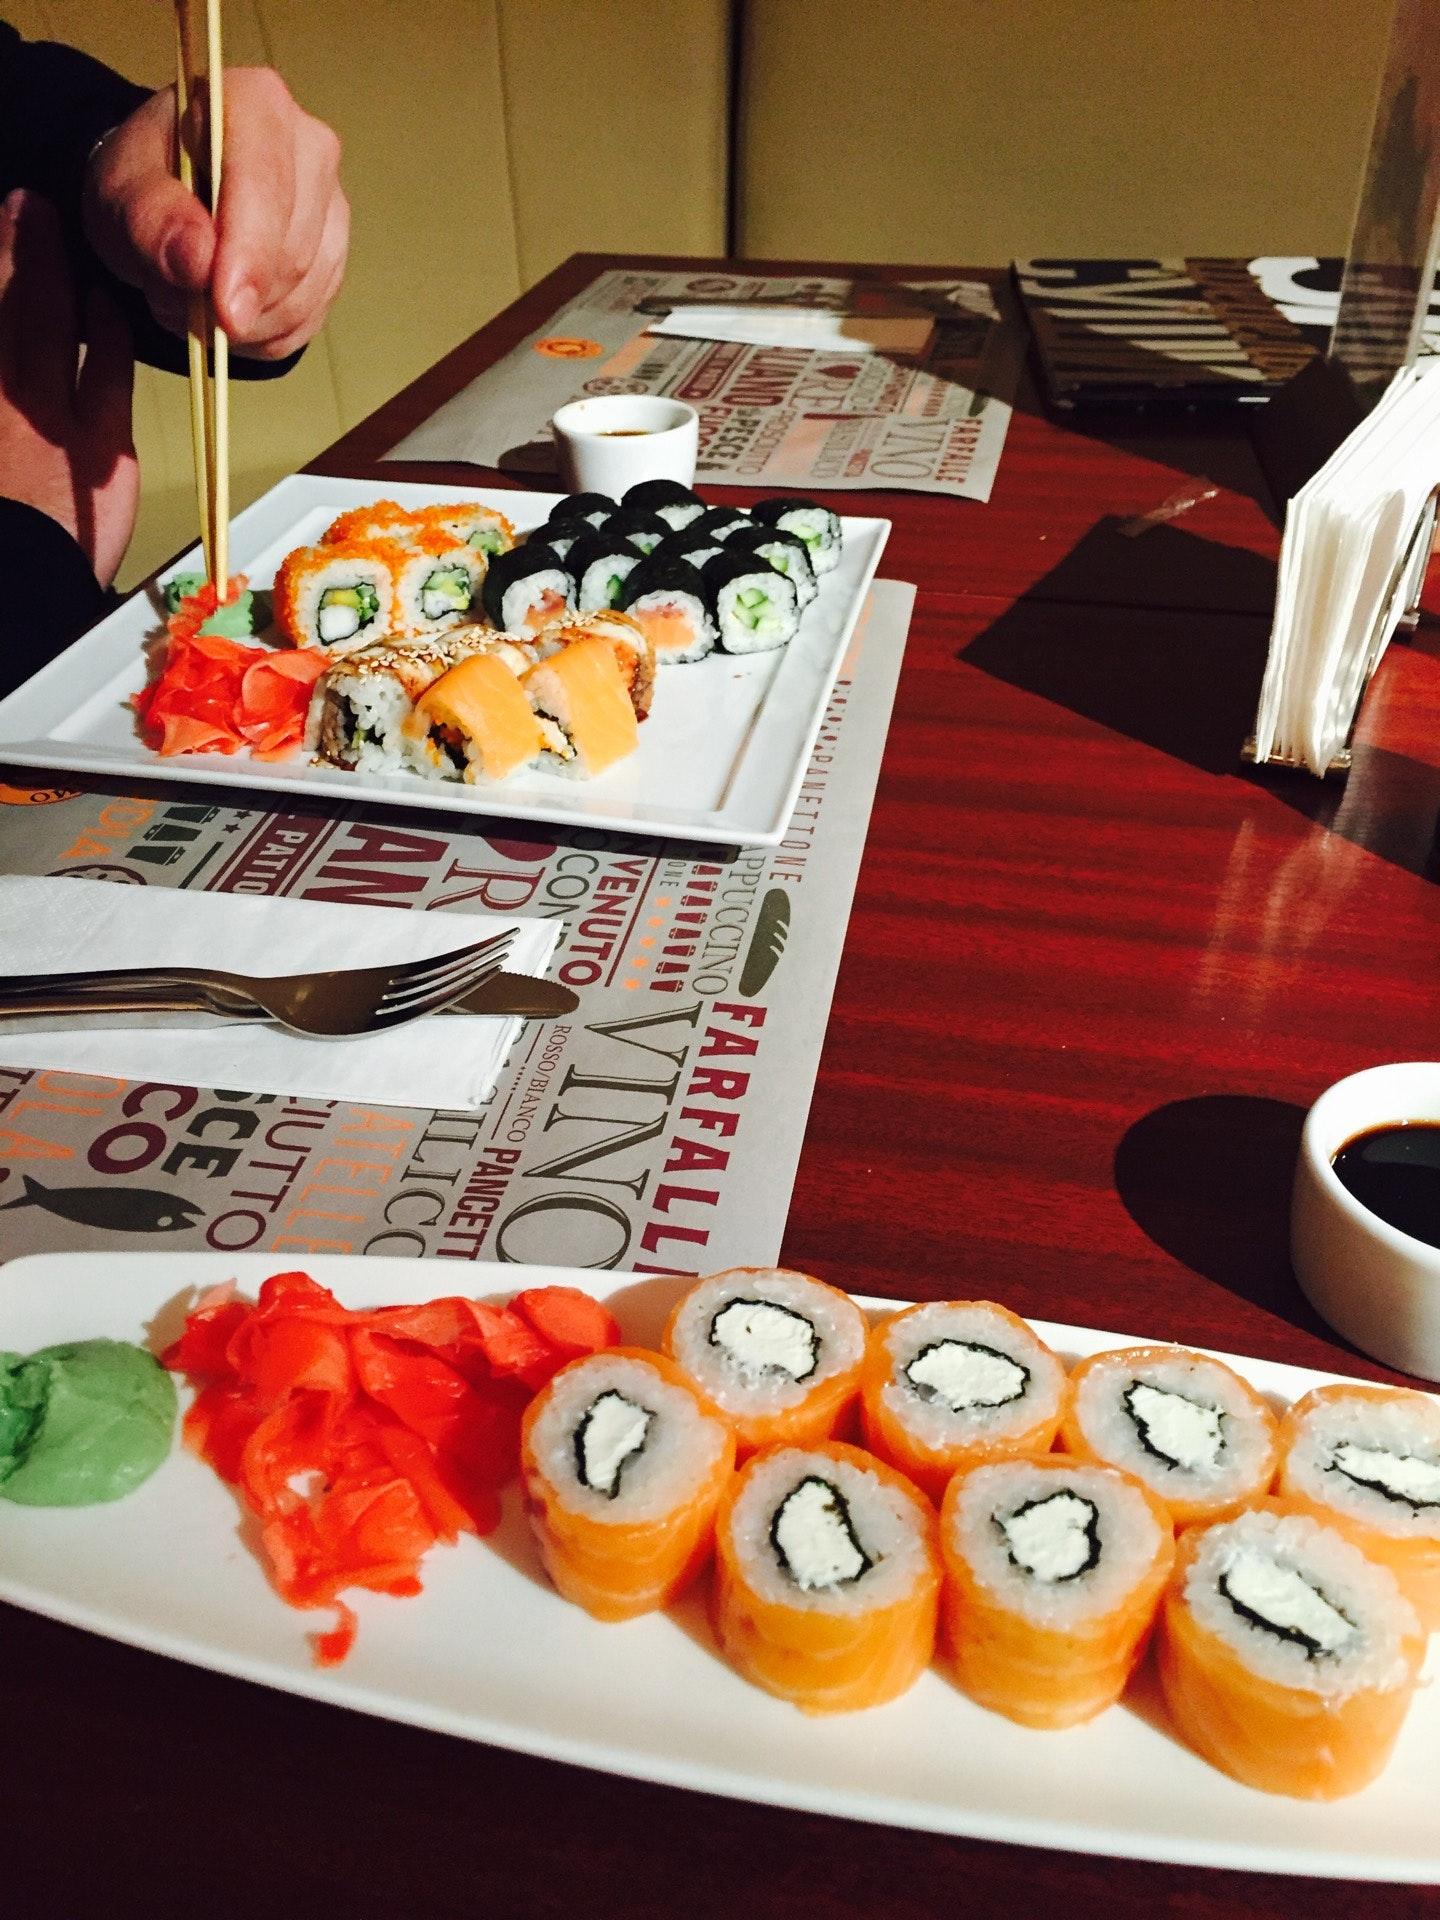 количеству свидетелей, фото кухни суши на вынос фото справа